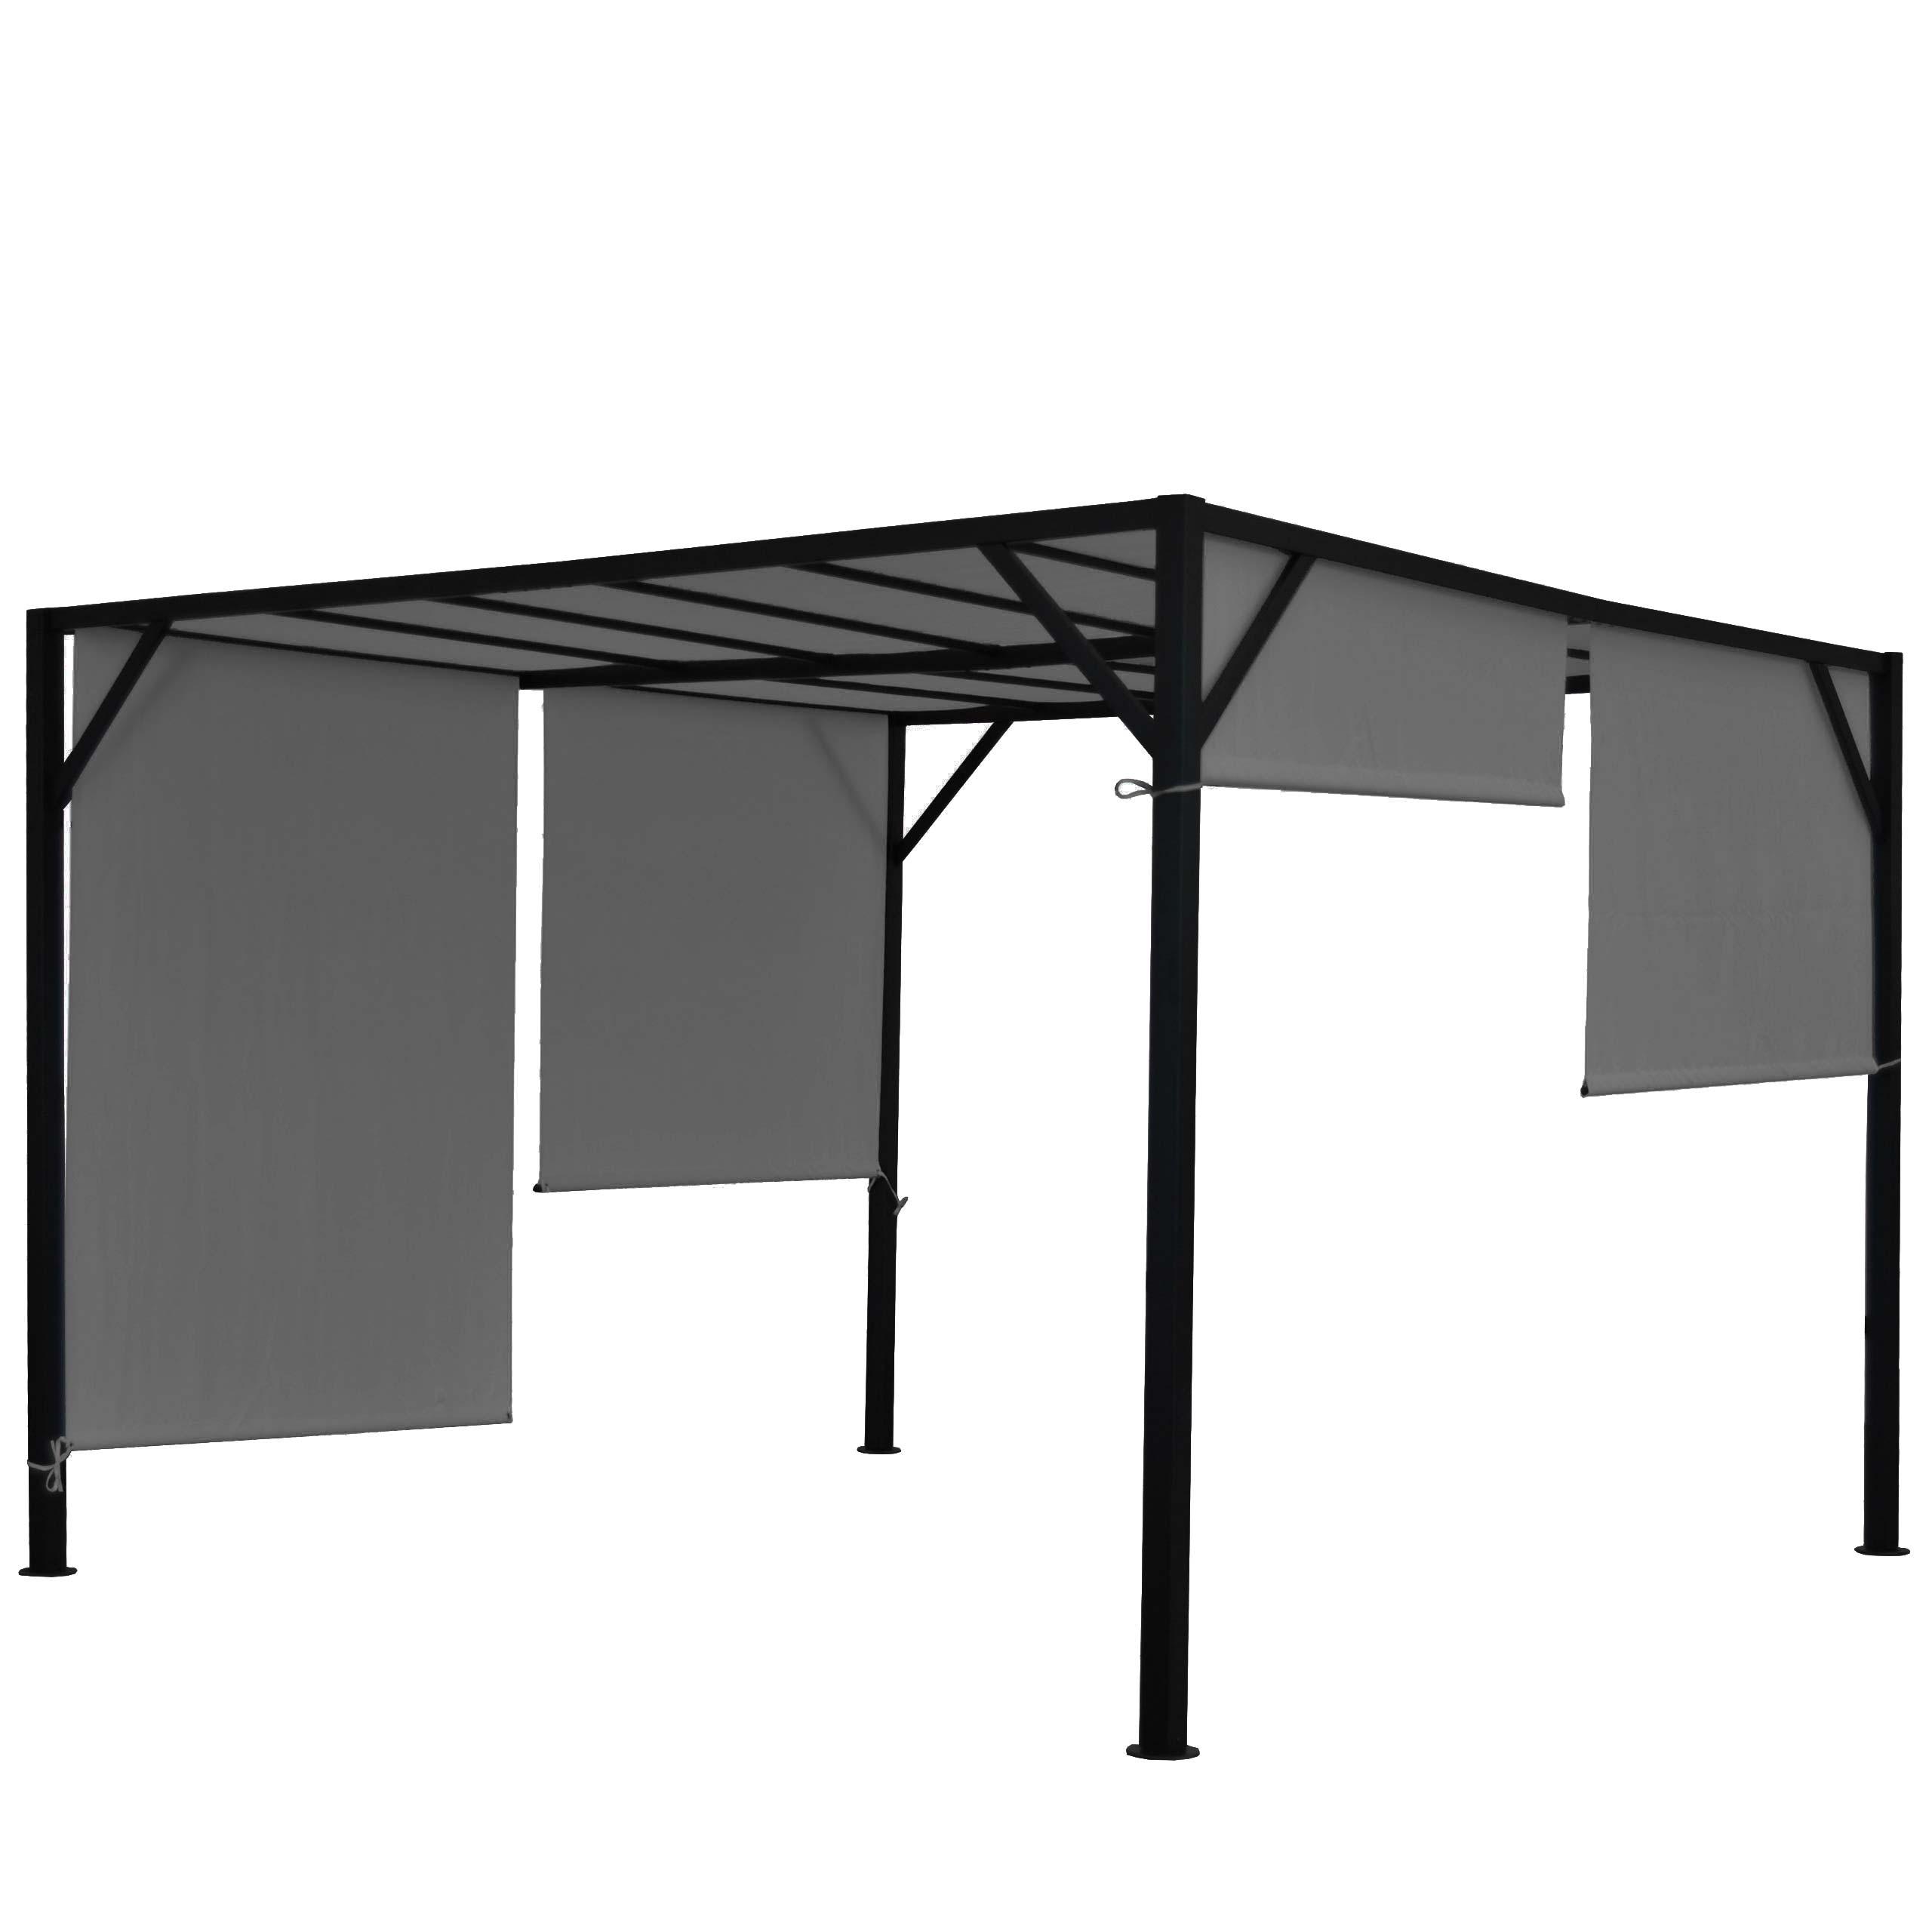 Garten Pavillon stabiles 6cm-Stahl-Gestell Schiebedach 4x4m Pergola Beja